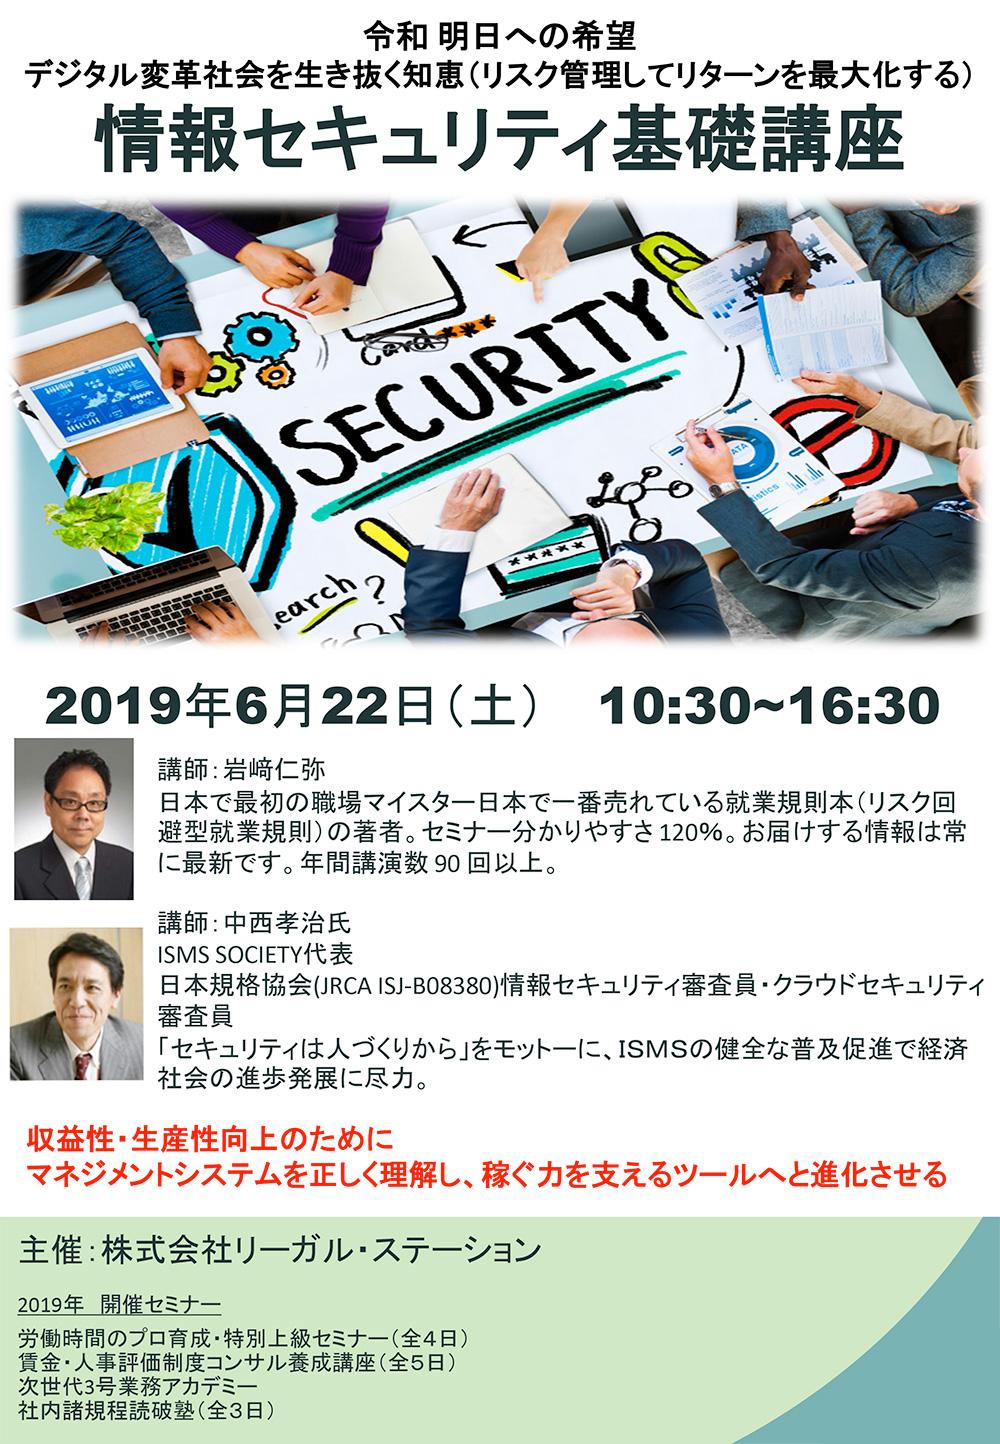 情報セキュリティ基礎講座【公開講座】 @ 中央労働基準協会支部ホール